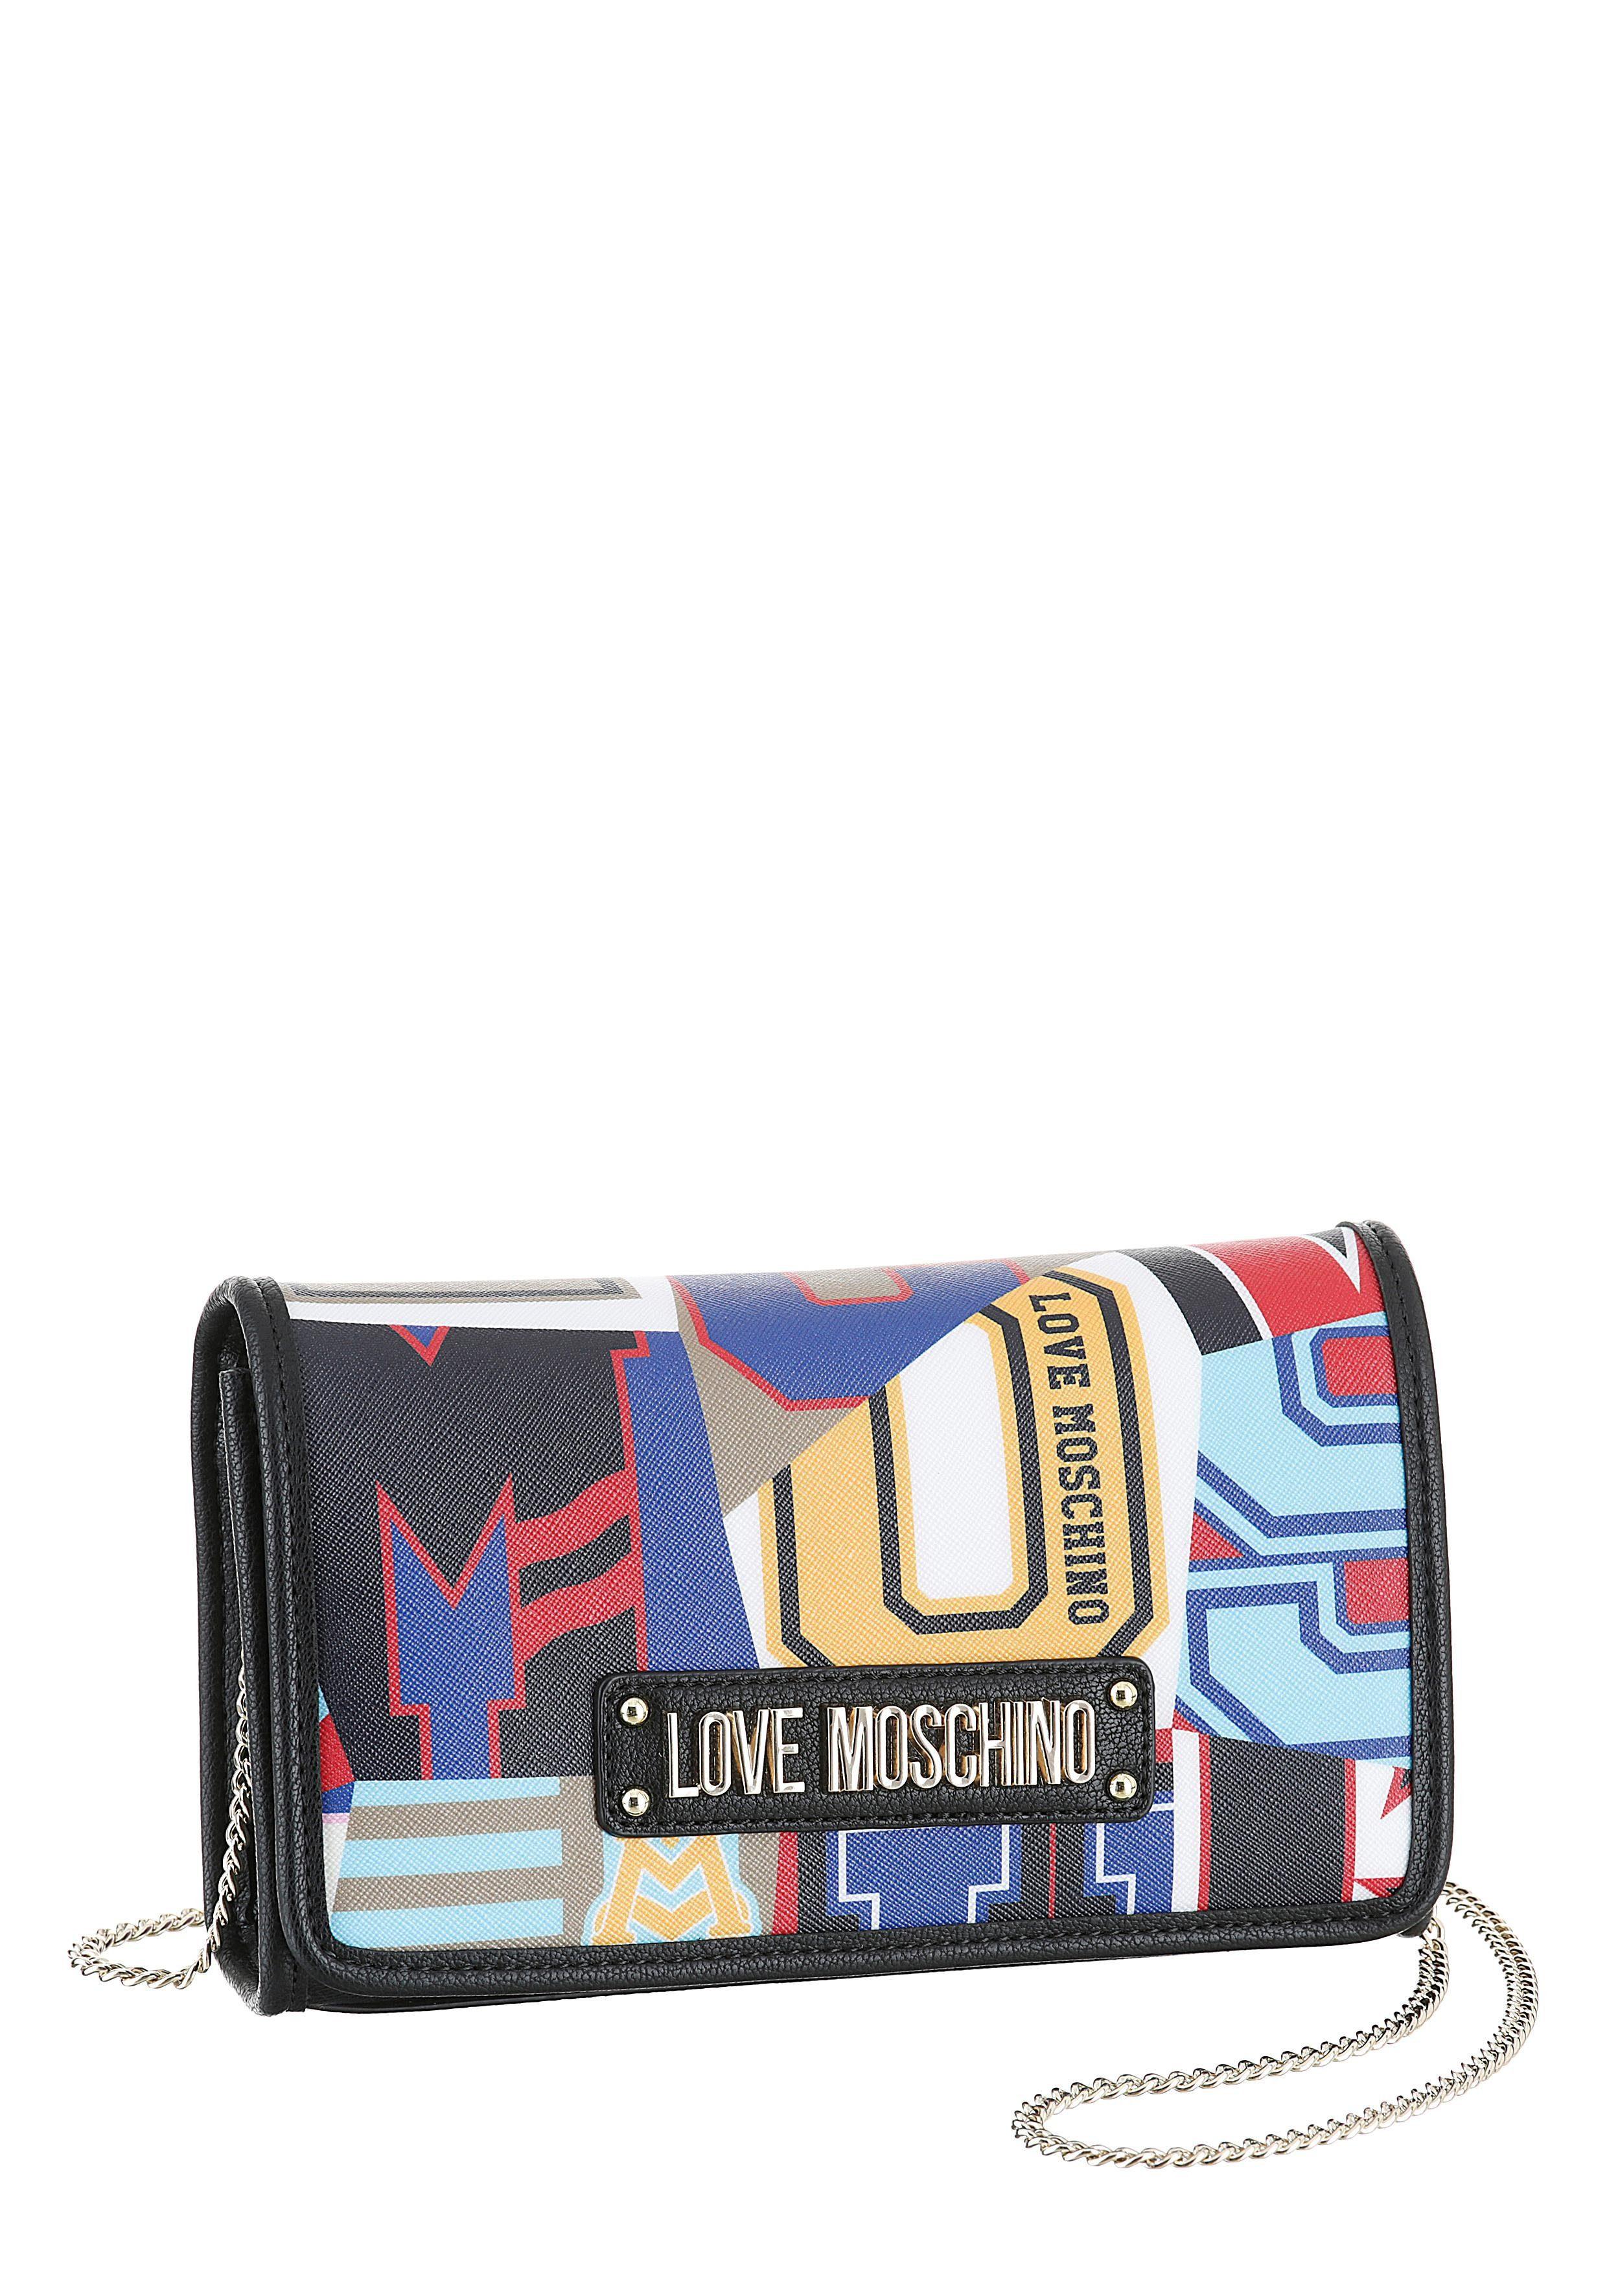 LOVE MOSCHINO Umhängetasche, in buntem Design